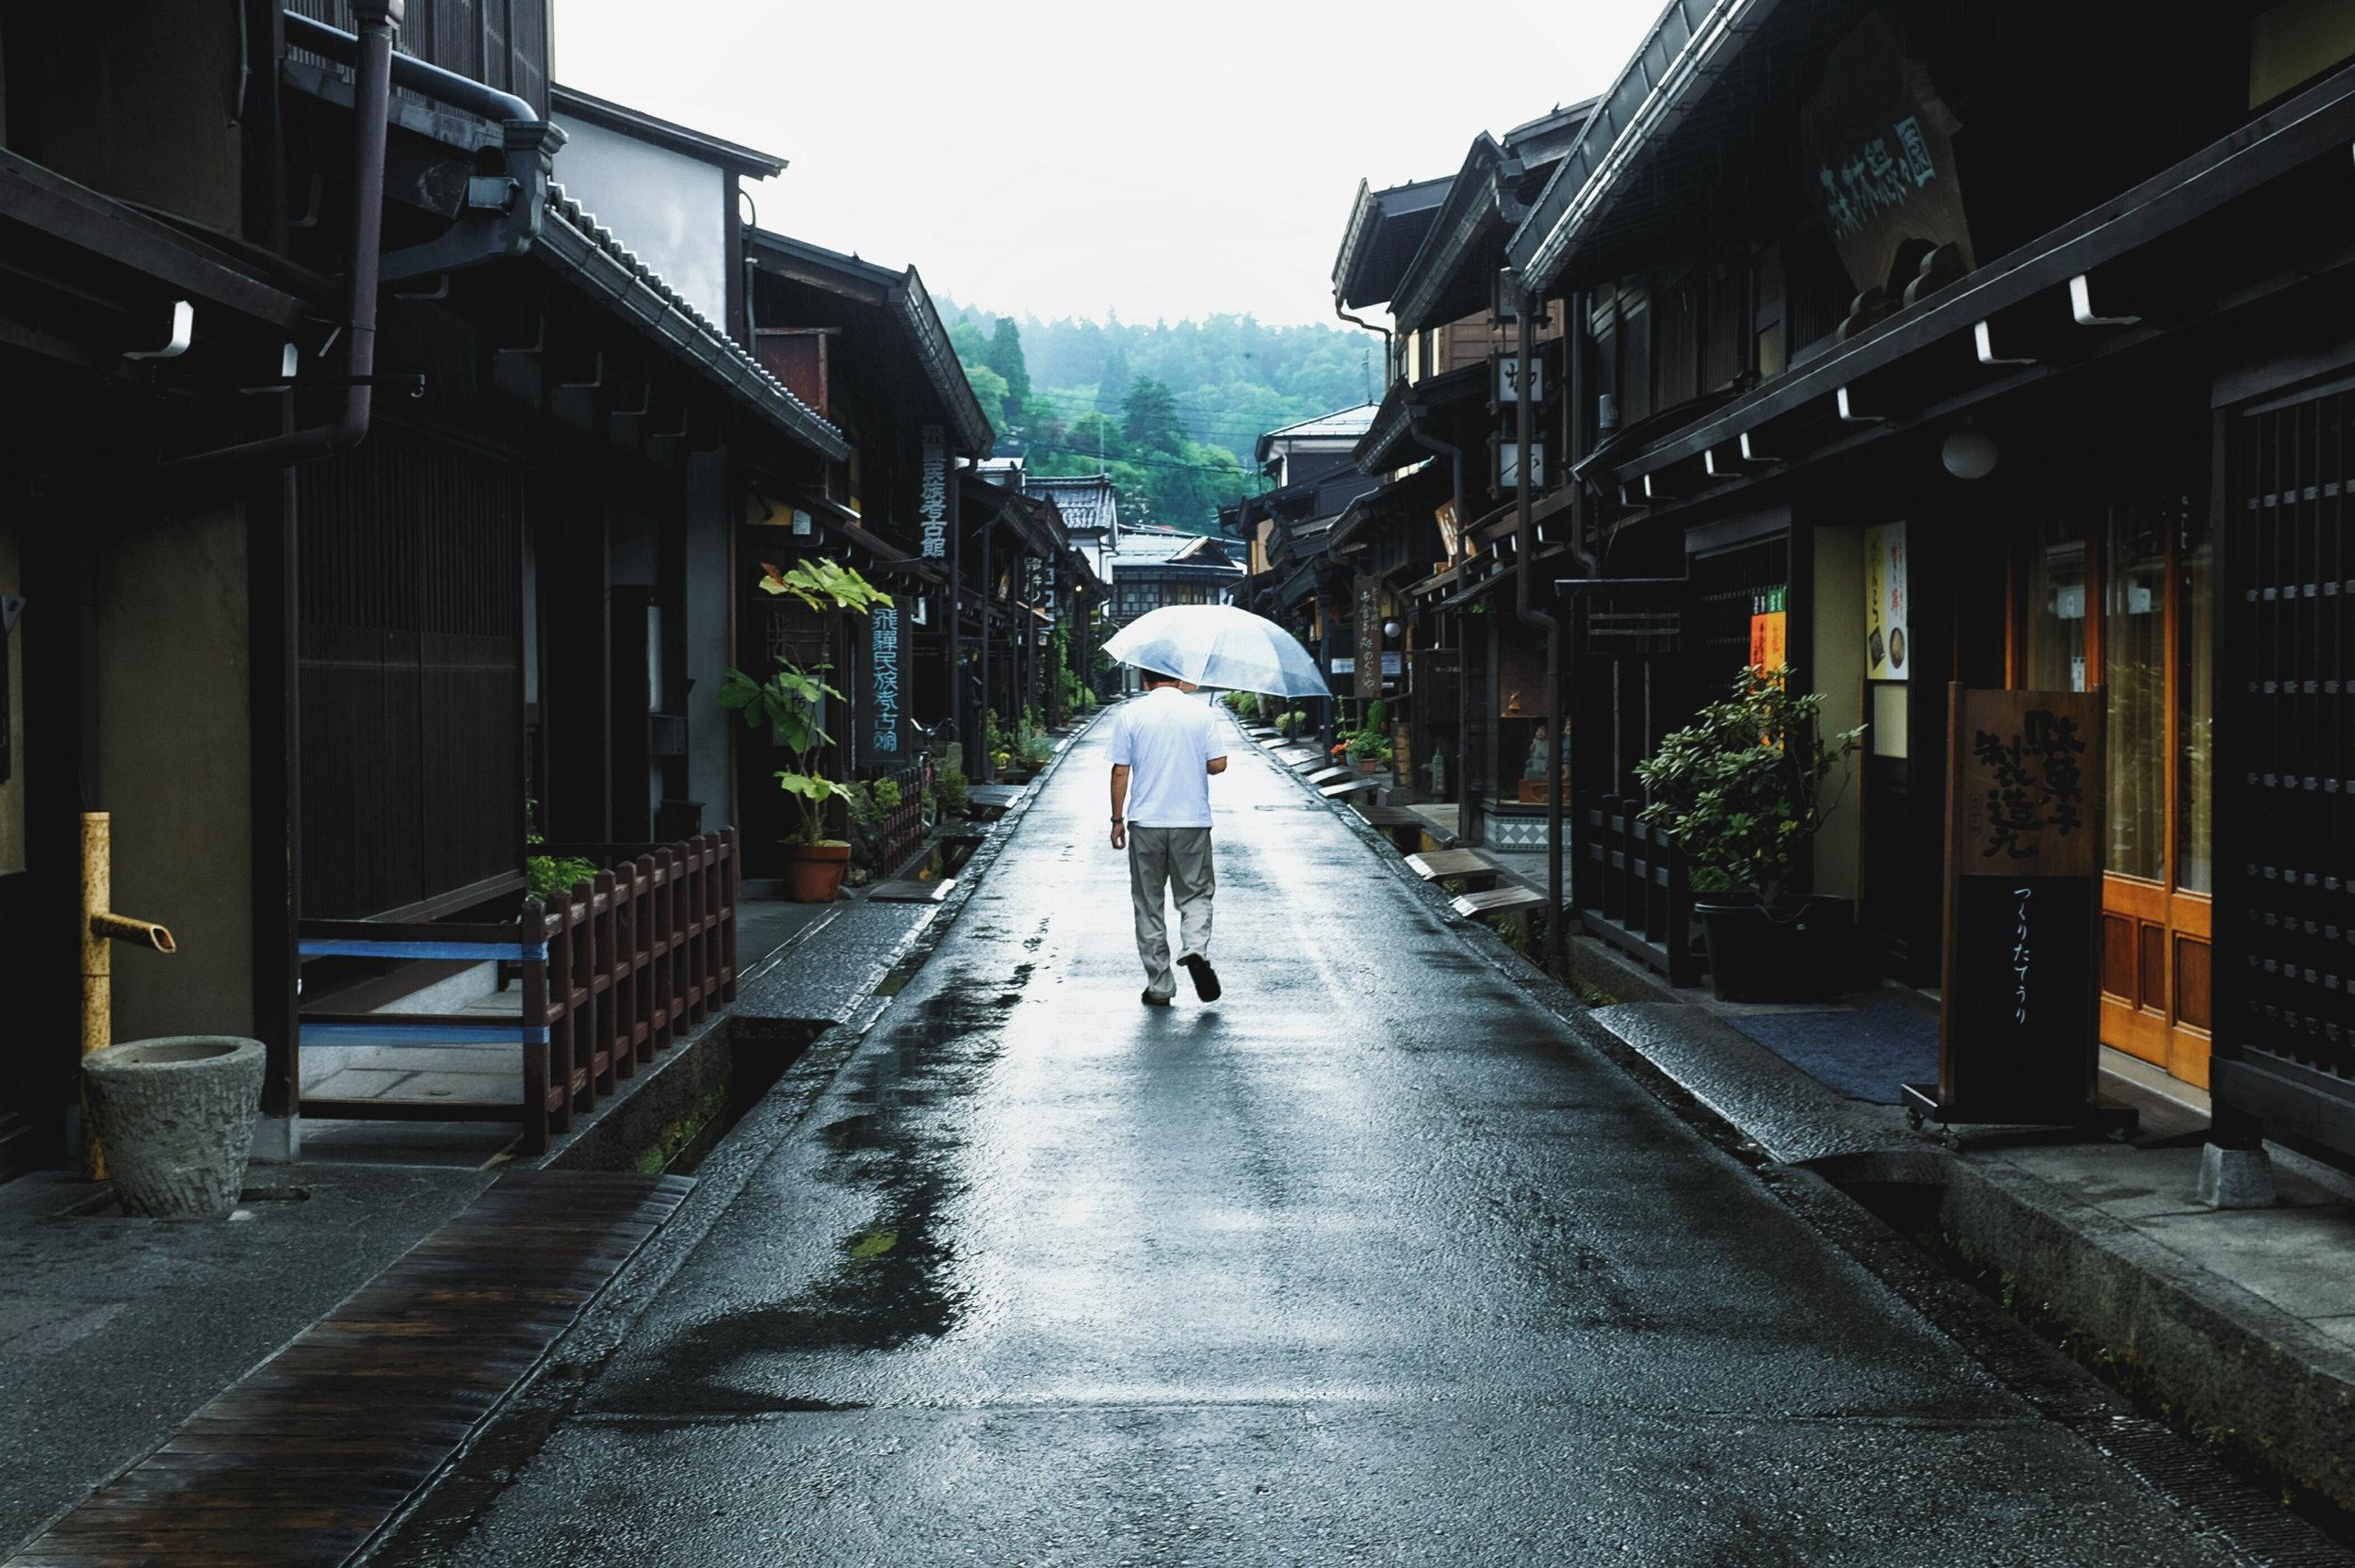 Takayama - Una delle immagini che saranno esposte.